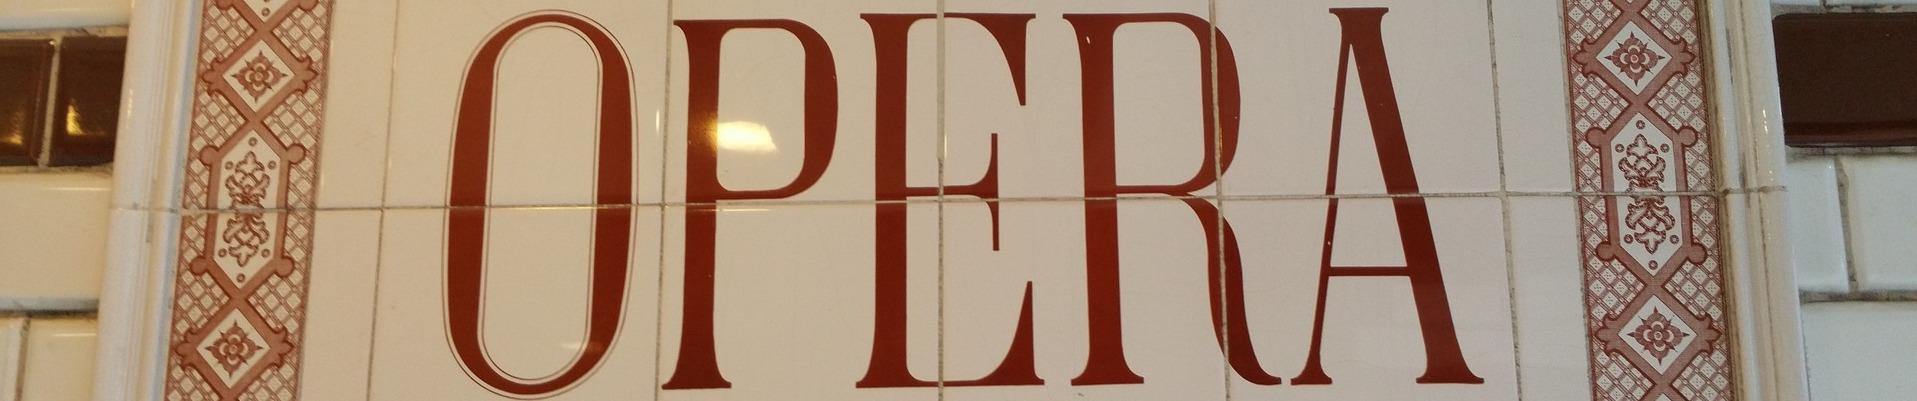 opera-1137052_1920